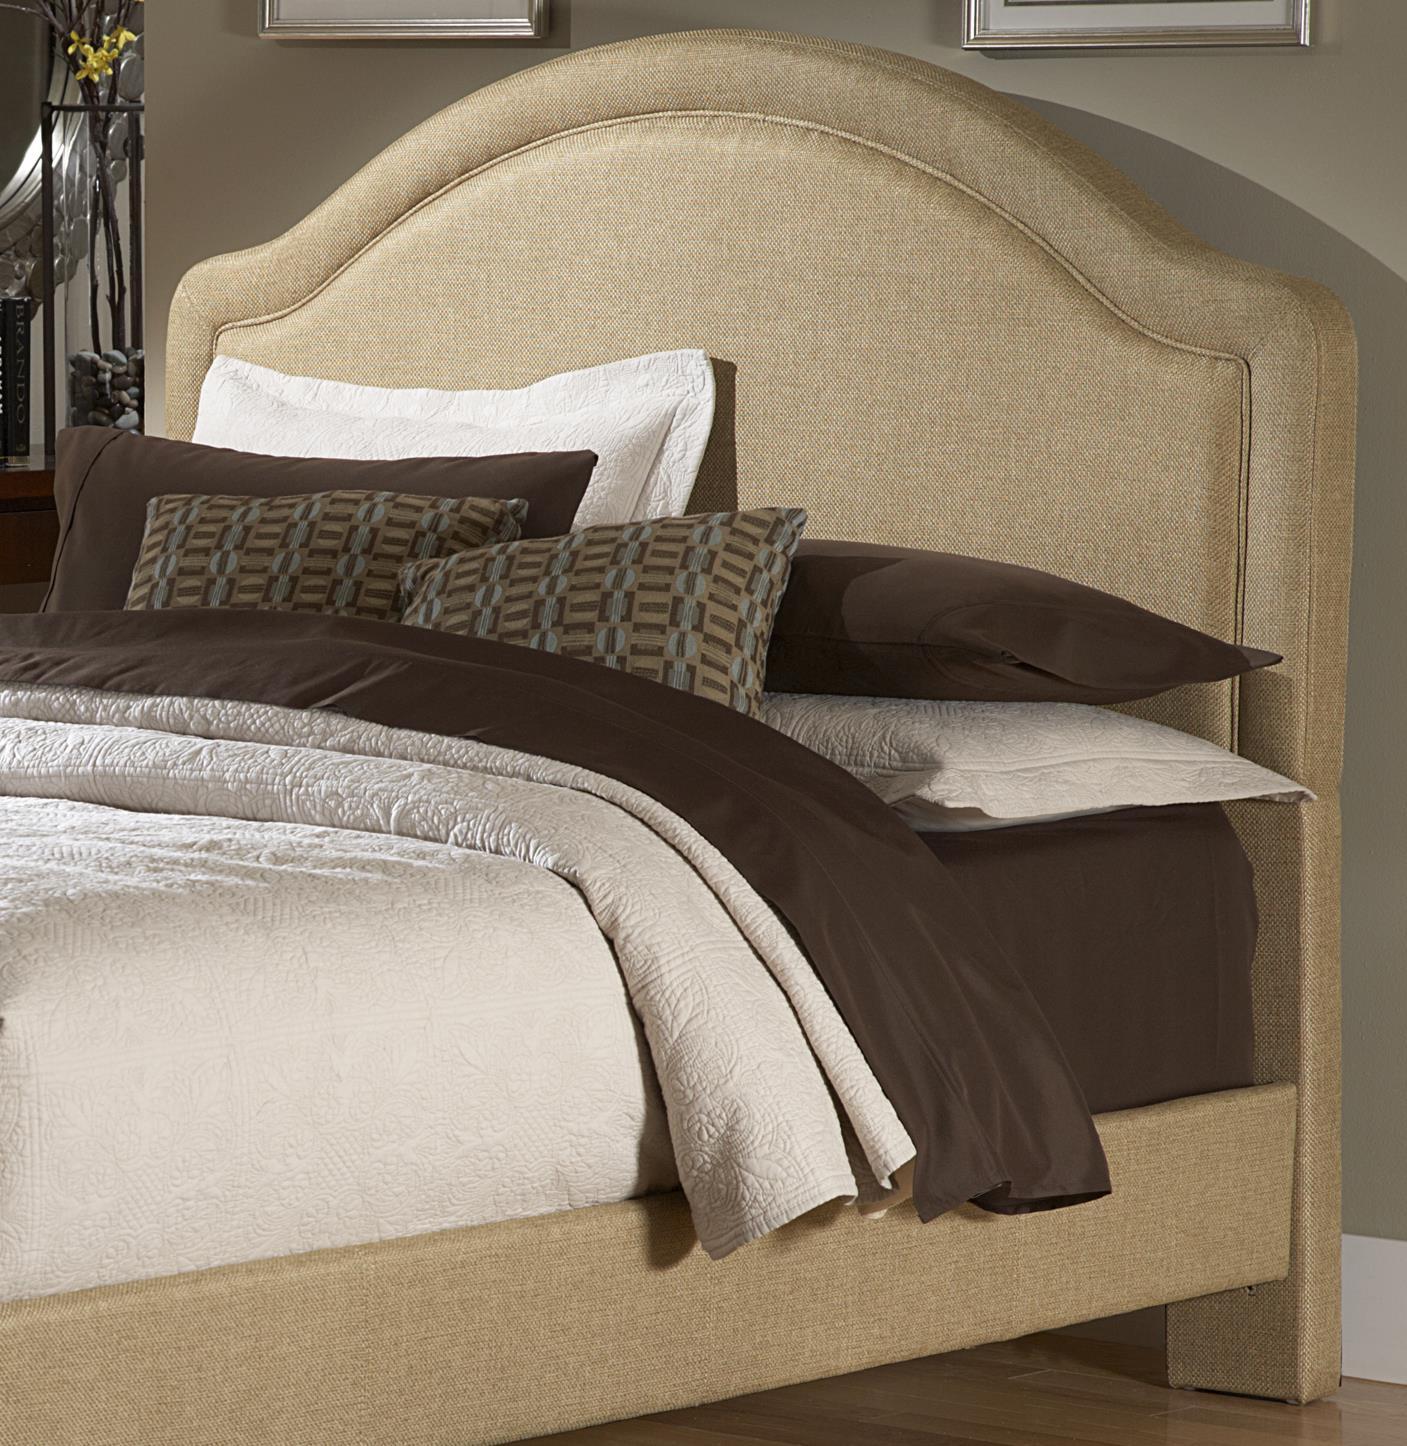 Hillsdale Upholstered Beds Veracruz Queen Headboard - Item Number: 1027-570